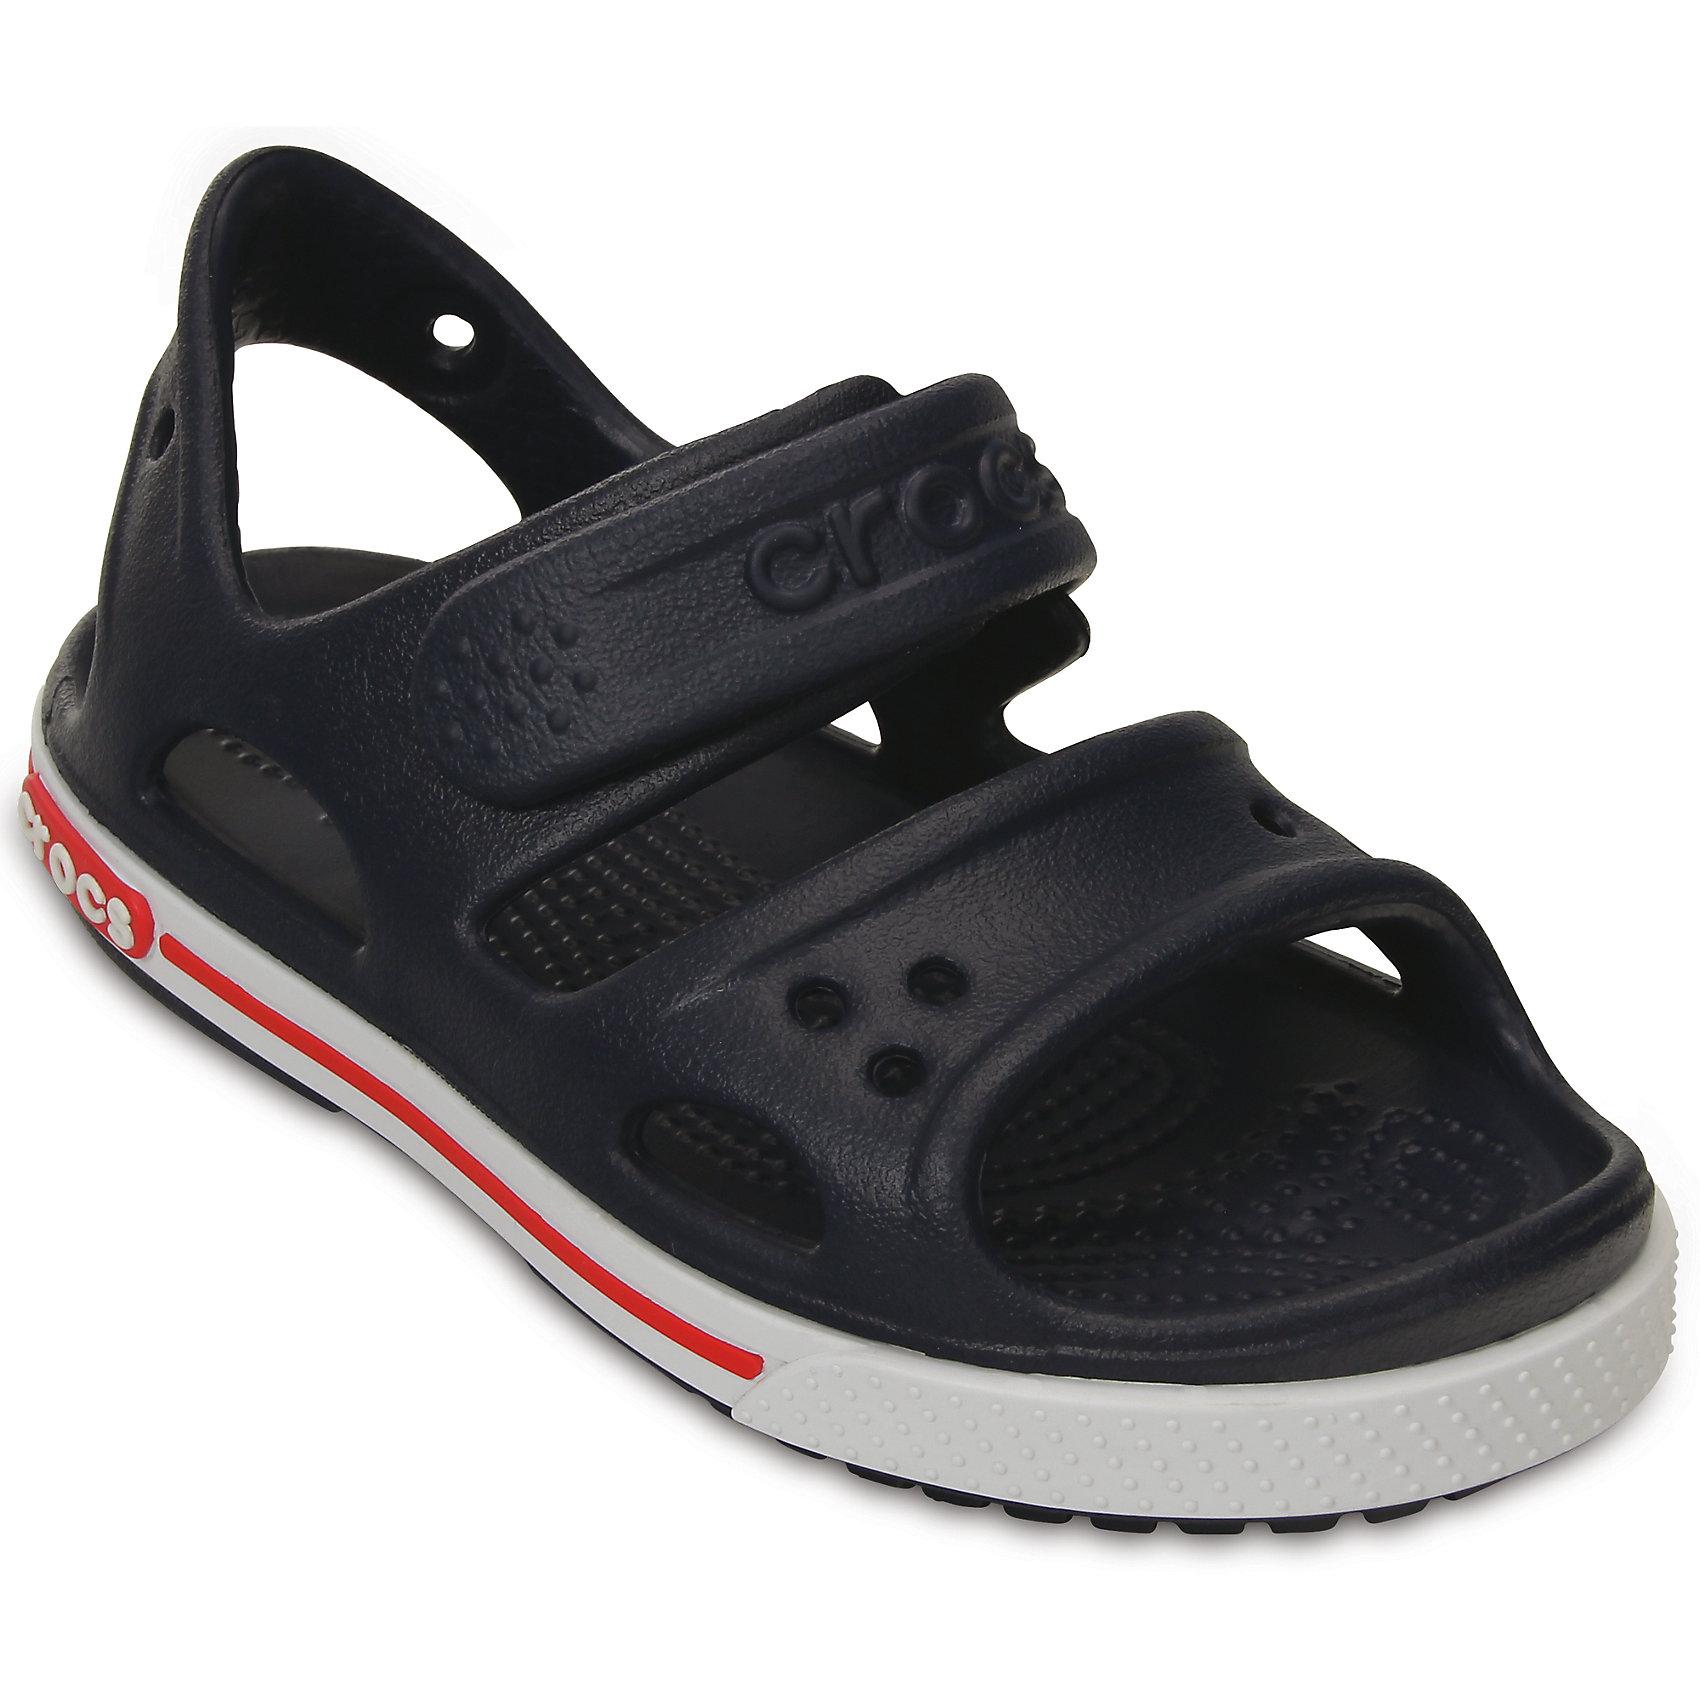 Сандалии Crocband II Sandal PS для мальчика CrocsПляжная обувь<br>Характеристики товара:<br><br>• цвет: черный<br>• материал: 100% полимер Croslite™<br>• бактериостатичный материал<br>• ремешок фиксирует стопу<br>• антискользящая устойчивая подошва<br>• липучка<br>• анатомическая стелька с массажными точками стимулирует кровообращение<br>• страна бренда: США<br>• страна изготовитель: Китай<br><br>Для правильного развития ребенка крайне важно, чтобы обувь была удобной. Такие сандалии обеспечивают детям необходимый комфорт, а анатомическая стелька с массажными линиями для стимуляции кровообращения позволяет ножкам дольше не уставать. Сандалии легко надеваются и снимаются, отлично сидят на ноге. Материал, из которого они сделаны, не дает размножаться бактериям, поэтому такая обувь препятствует образованию неприятного запаха и появлению болезней стоп. <br>Обувь от американского бренда Crocs в данный момент завоевала широкую популярность во всем мире, и это не удивительно - ведь она невероятно удобна. Её носят врачи, спортсмены, звёзды шоу-бизнеса, люди, которым много времени приходится бывать на ногах - они понимают, как важна комфортная обувь. Продукция Crocs - это качественные товары, созданные с применением новейших технологий. Обувь отличается стильным дизайном и продуманной конструкцией. Изделие производится из качественных и проверенных материалов, которые безопасны для детей.<br><br>Сандалии для мальчика от торговой марки Crocs можно купить в нашем интернет-магазине.<br><br>Ширина мм: 219<br>Глубина мм: 154<br>Высота мм: 121<br>Вес г: 343<br>Цвет: синий<br>Возраст от месяцев: 24<br>Возраст до месяцев: 24<br>Пол: Мужской<br>Возраст: Детский<br>Размер: 25,23,21,26,22,31/32,33/34,34/35,28,24,30,29,27<br>SKU: 4033717